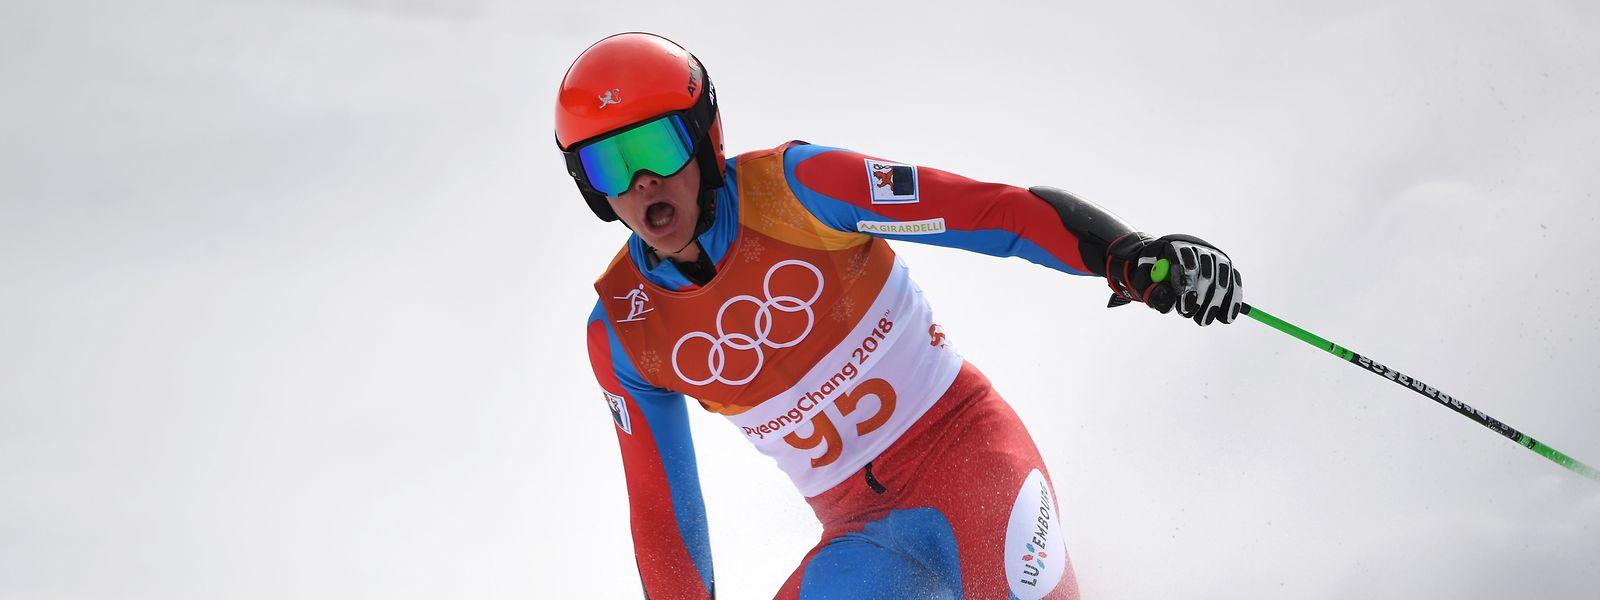 Platz 28 springt im Slalom für Matthieu Osch heraus.